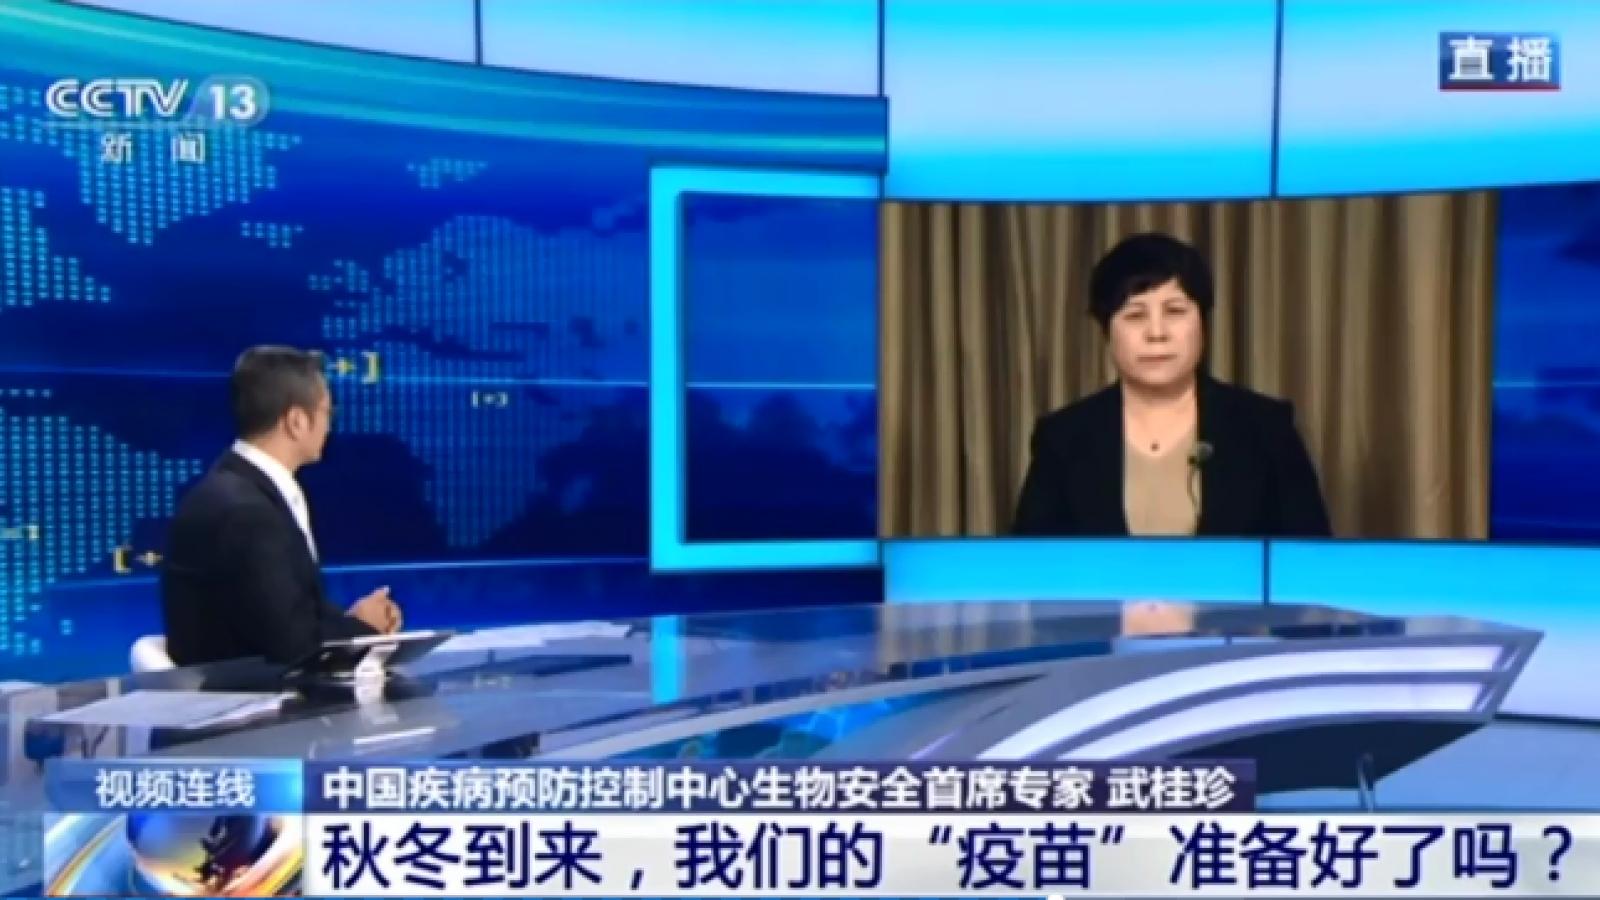 Trung Quốc đã có 5 vaccine Covid-19 thử nghiệm lâm sàng giai đoạn 3